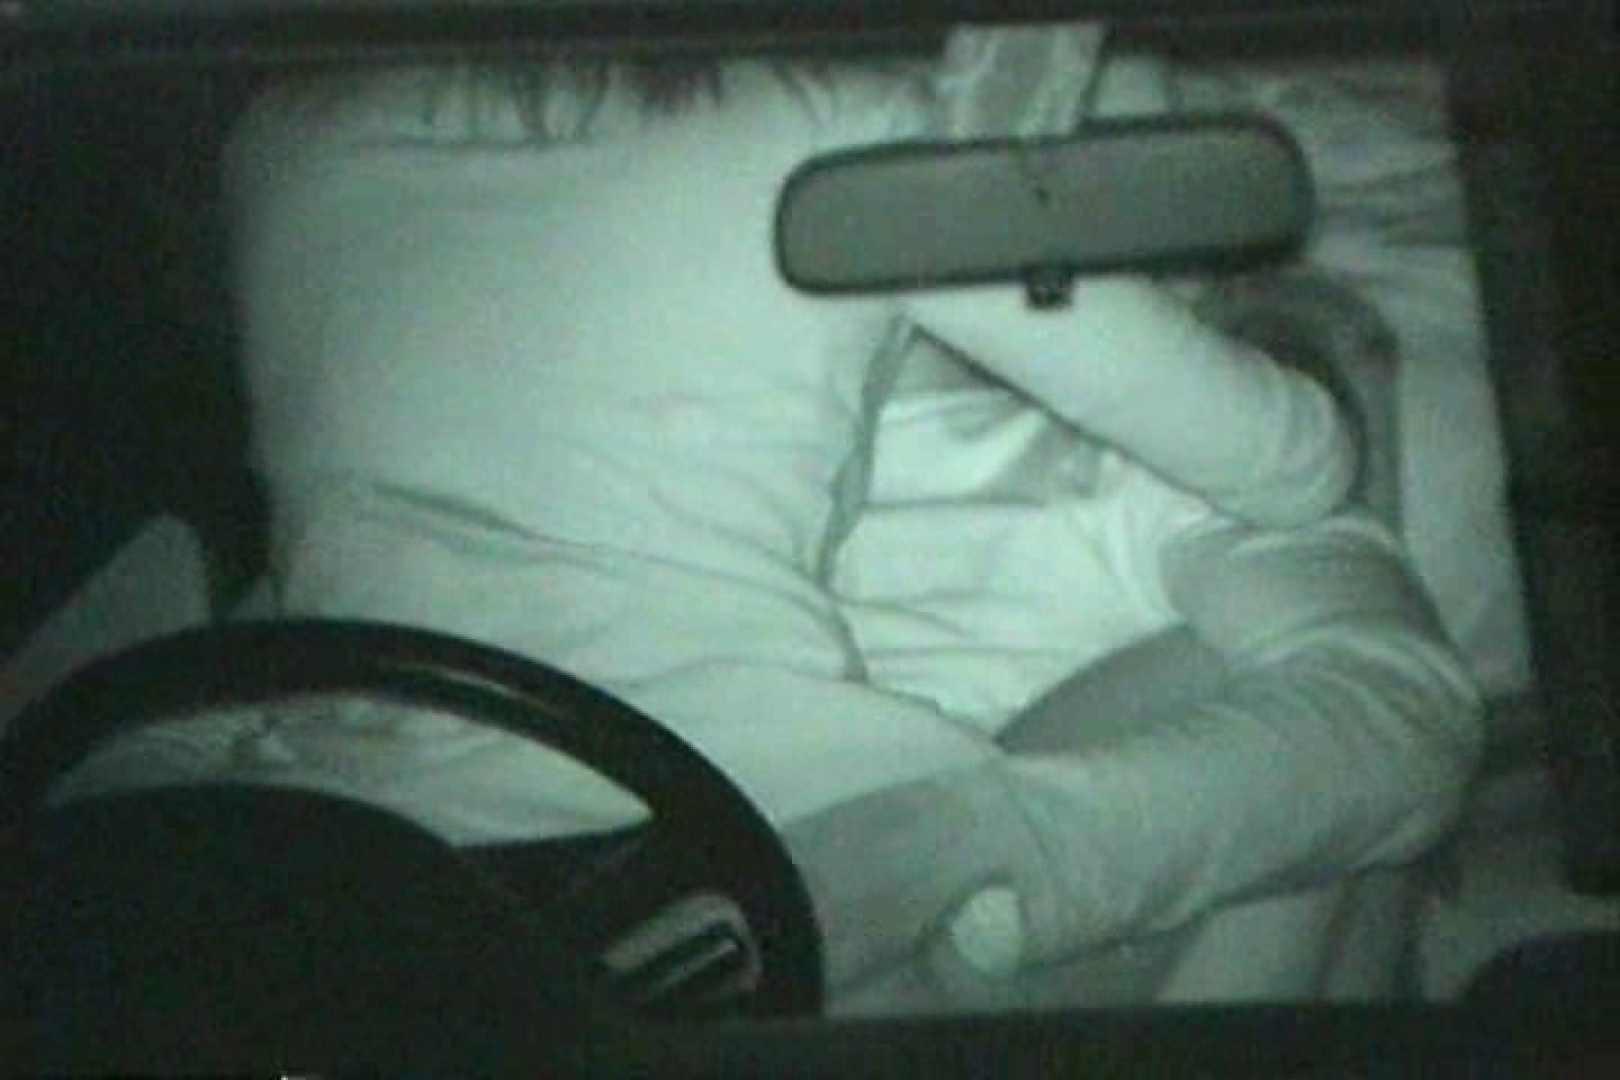 車の中はラブホテル 無修正版  Vol.27 カーセックス 盗撮動画紹介 105PIX 22